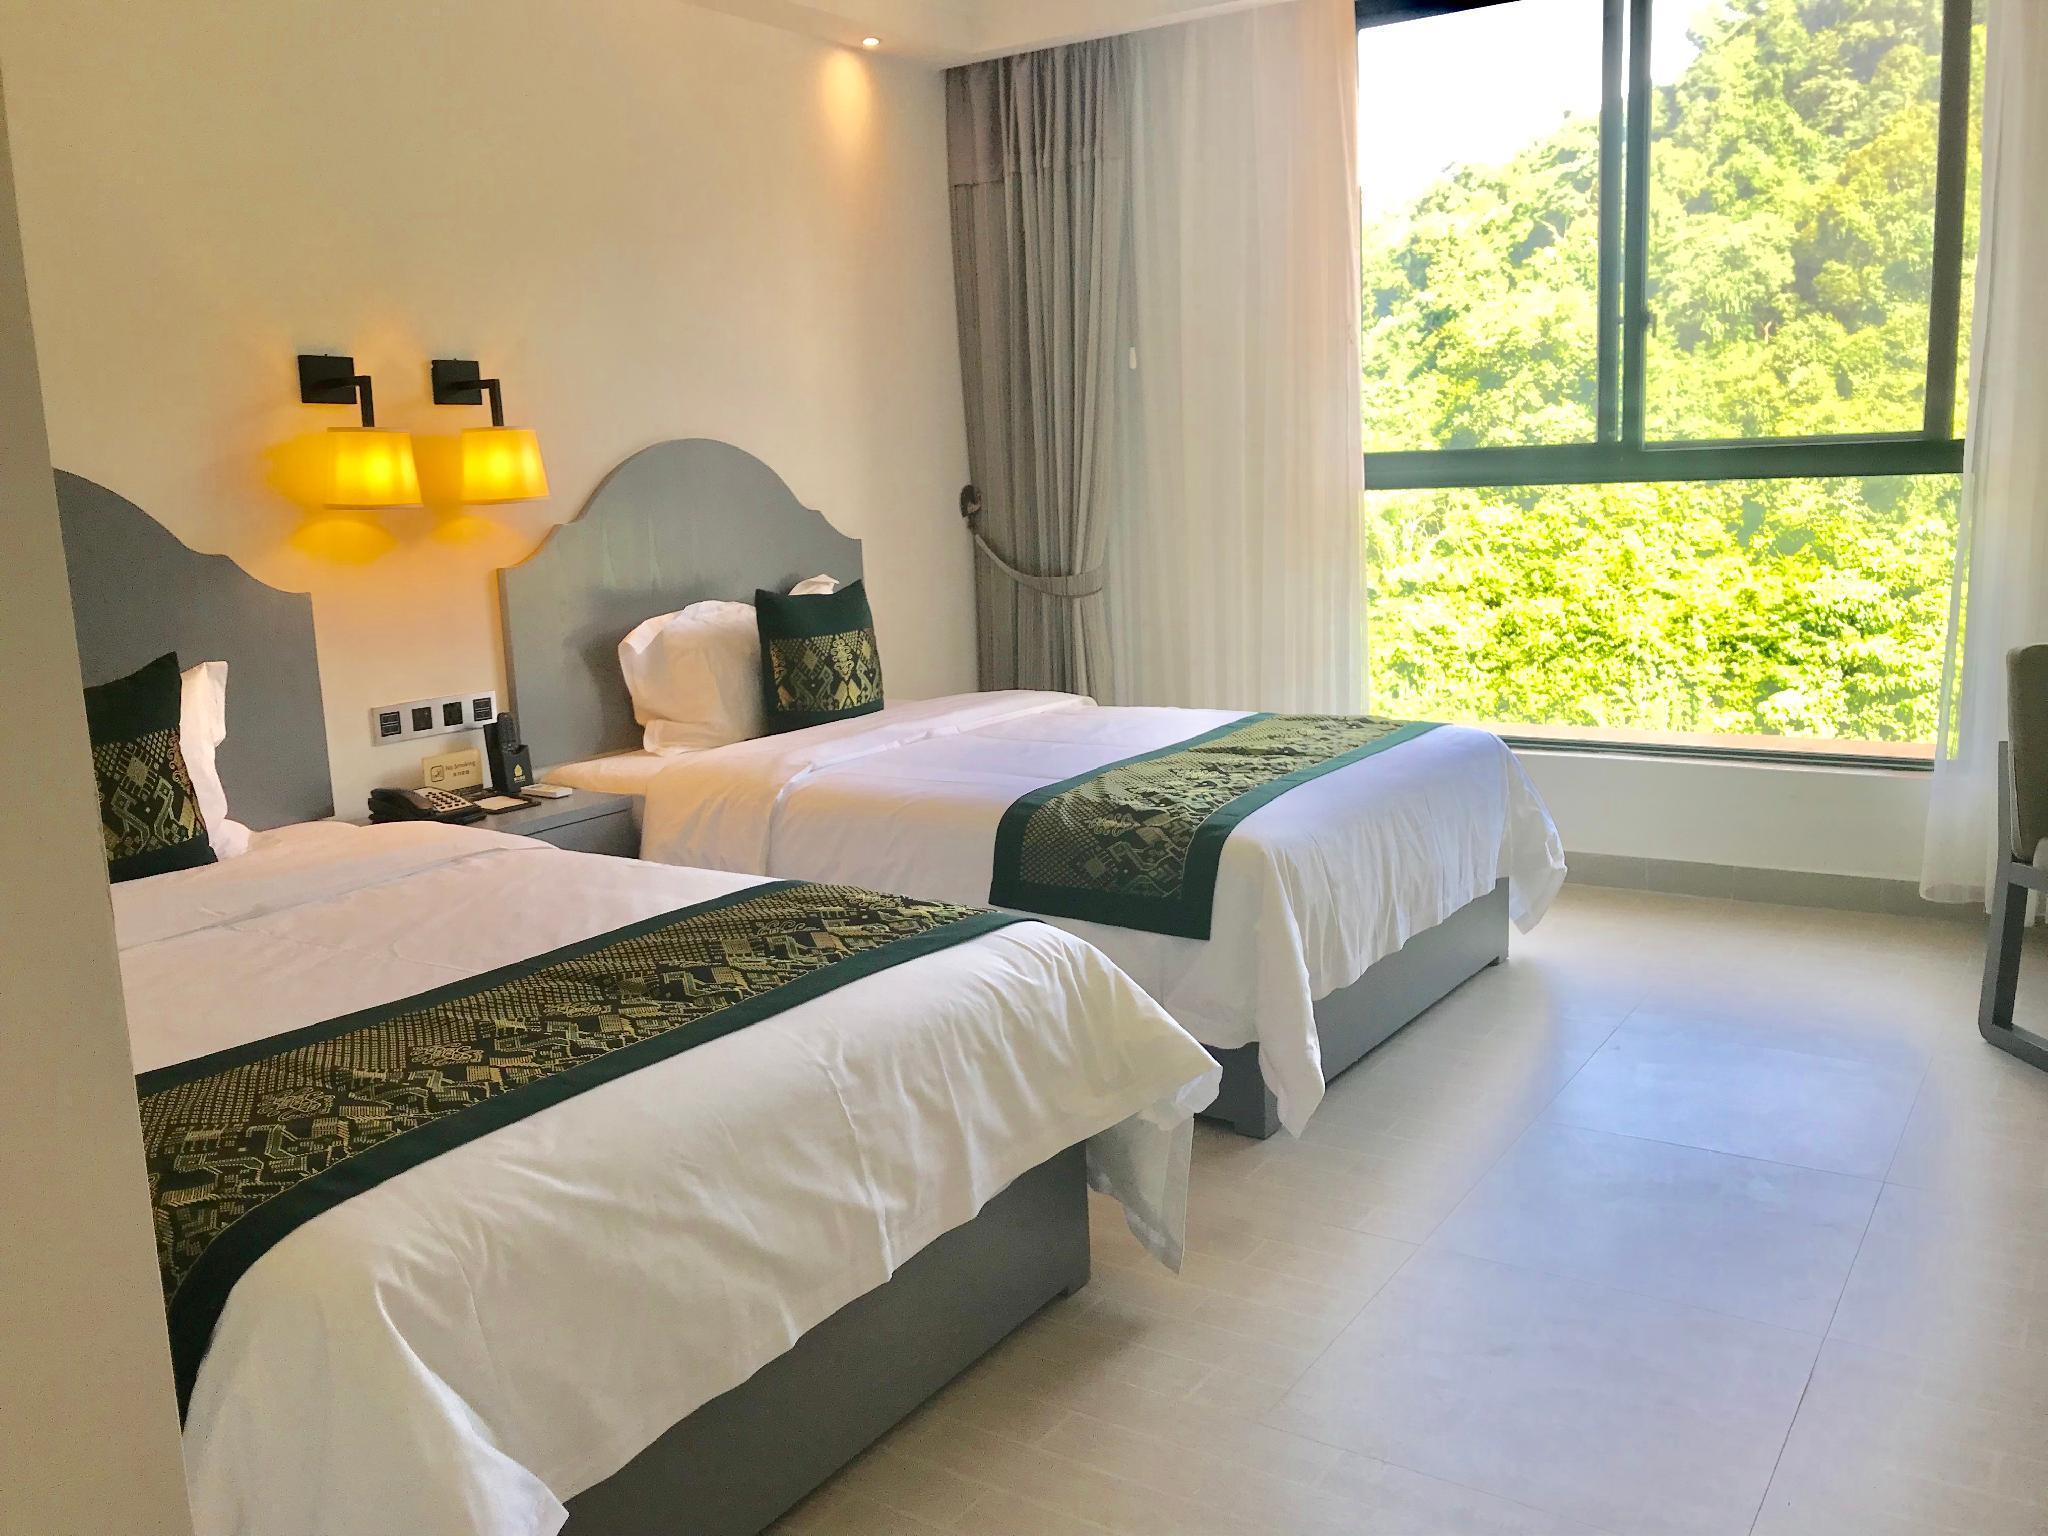 JING LAND HOTEL, Namtha